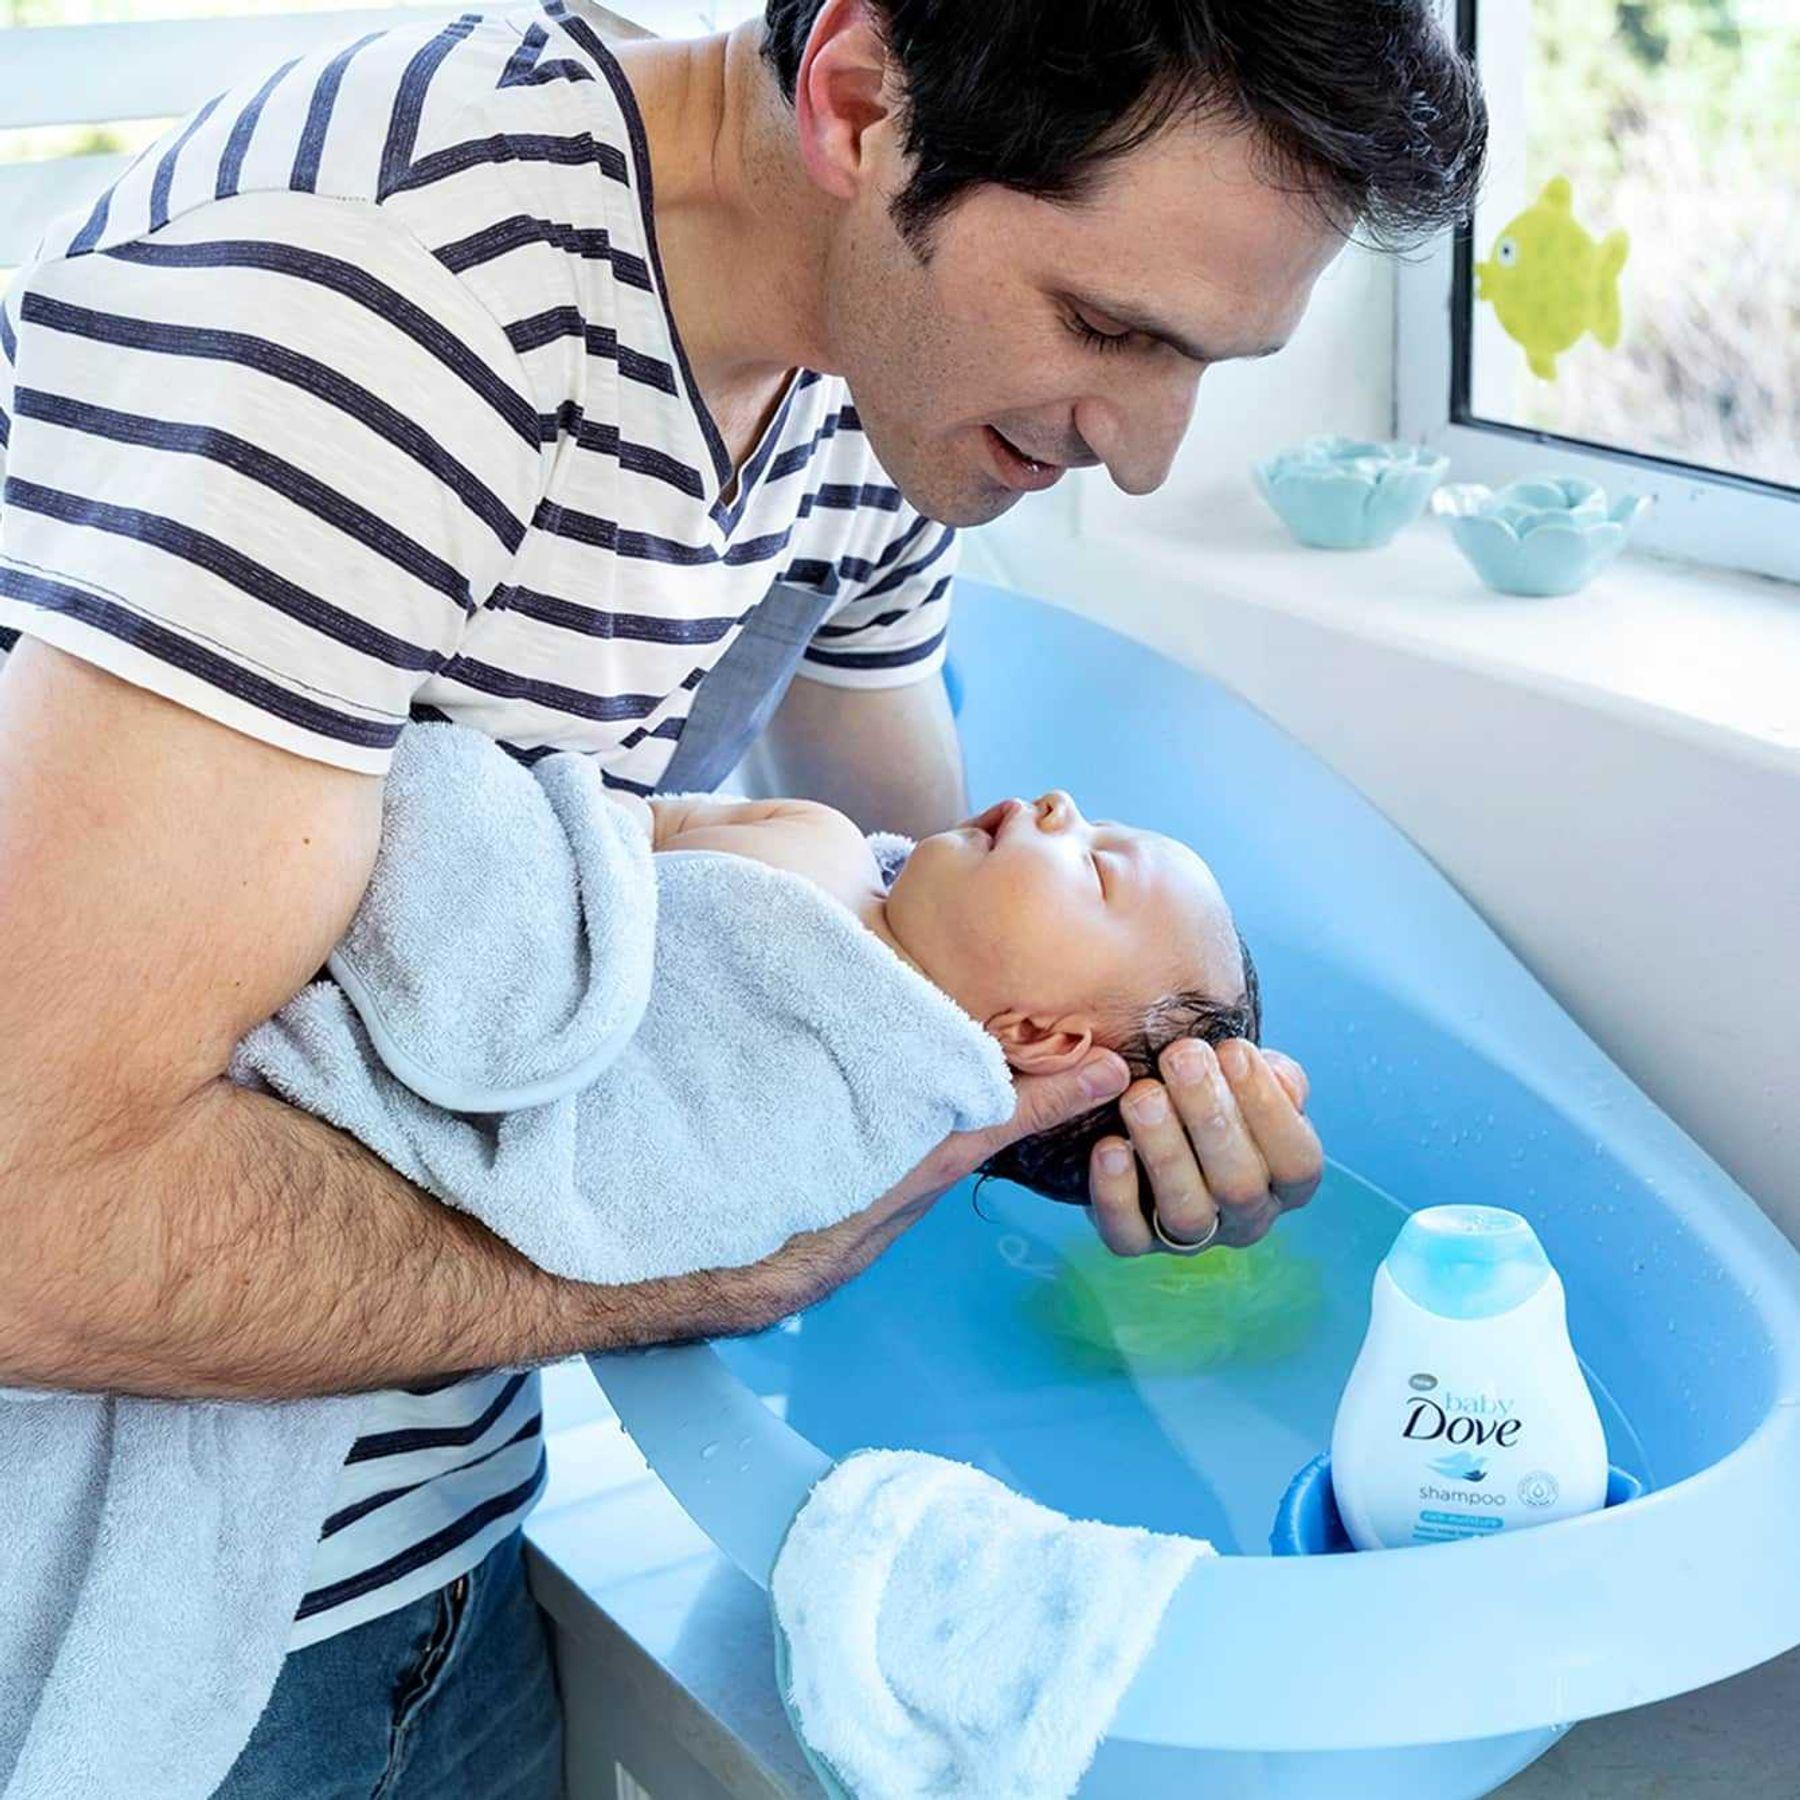 Cách vệ sinh chăm sóc trẻ em